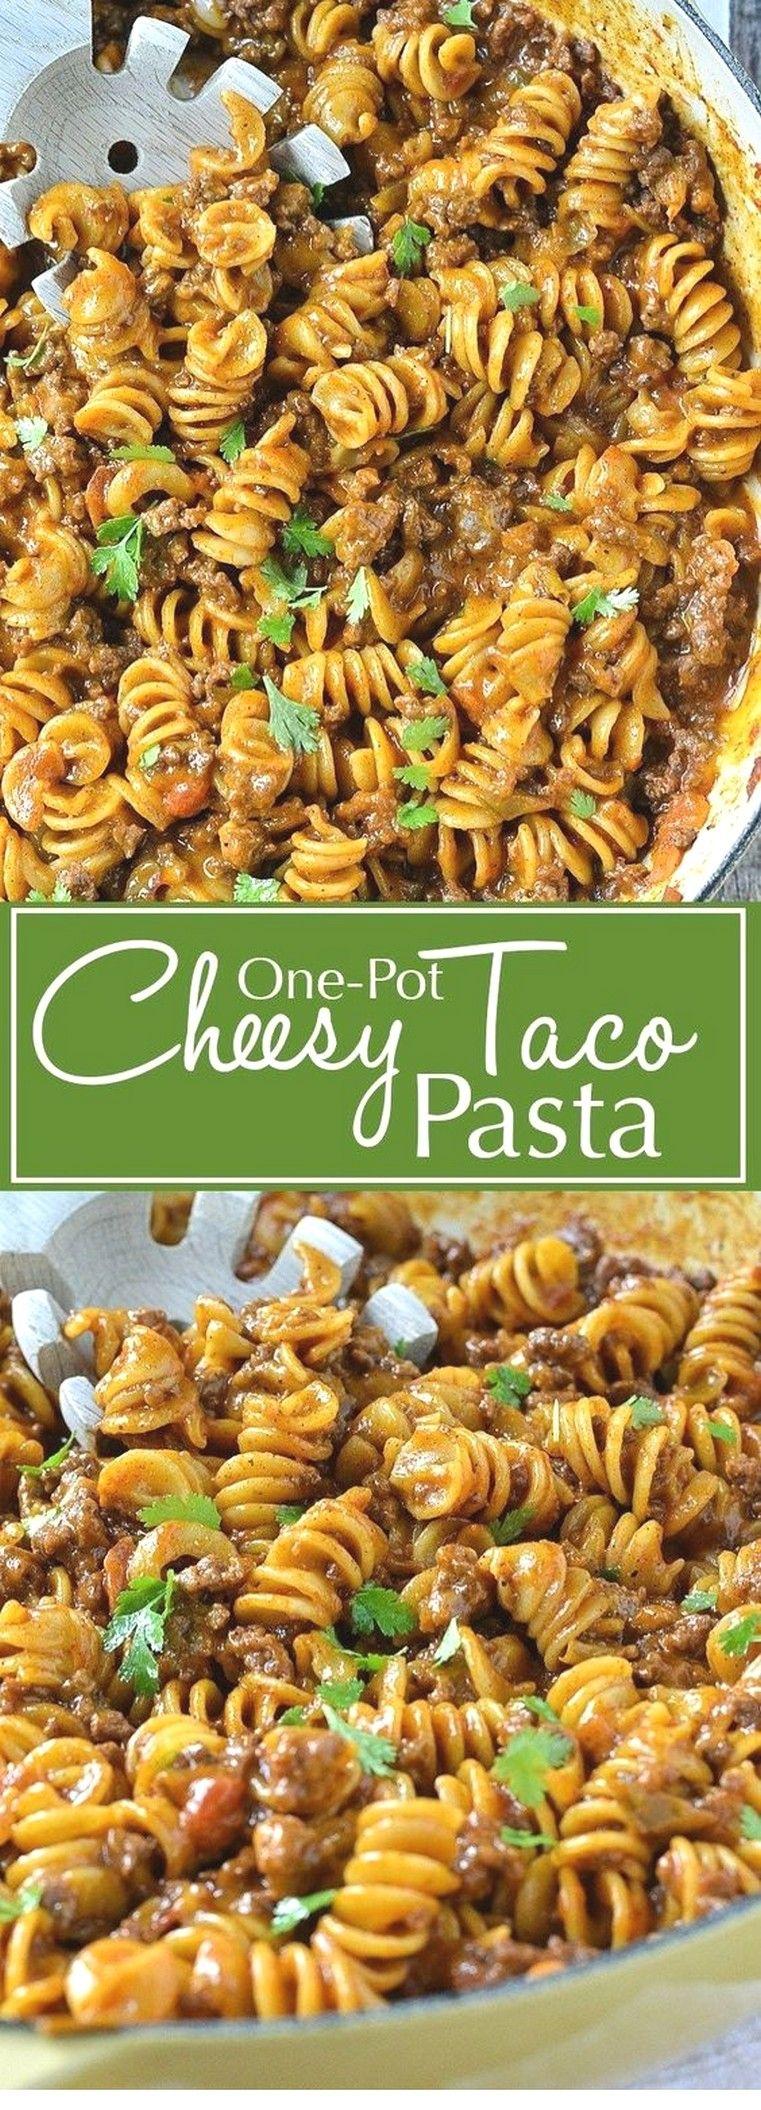 One-Pot Cheesy Taco Pasta | Crockpot Recipes #healthycrockpotchickenrecipes